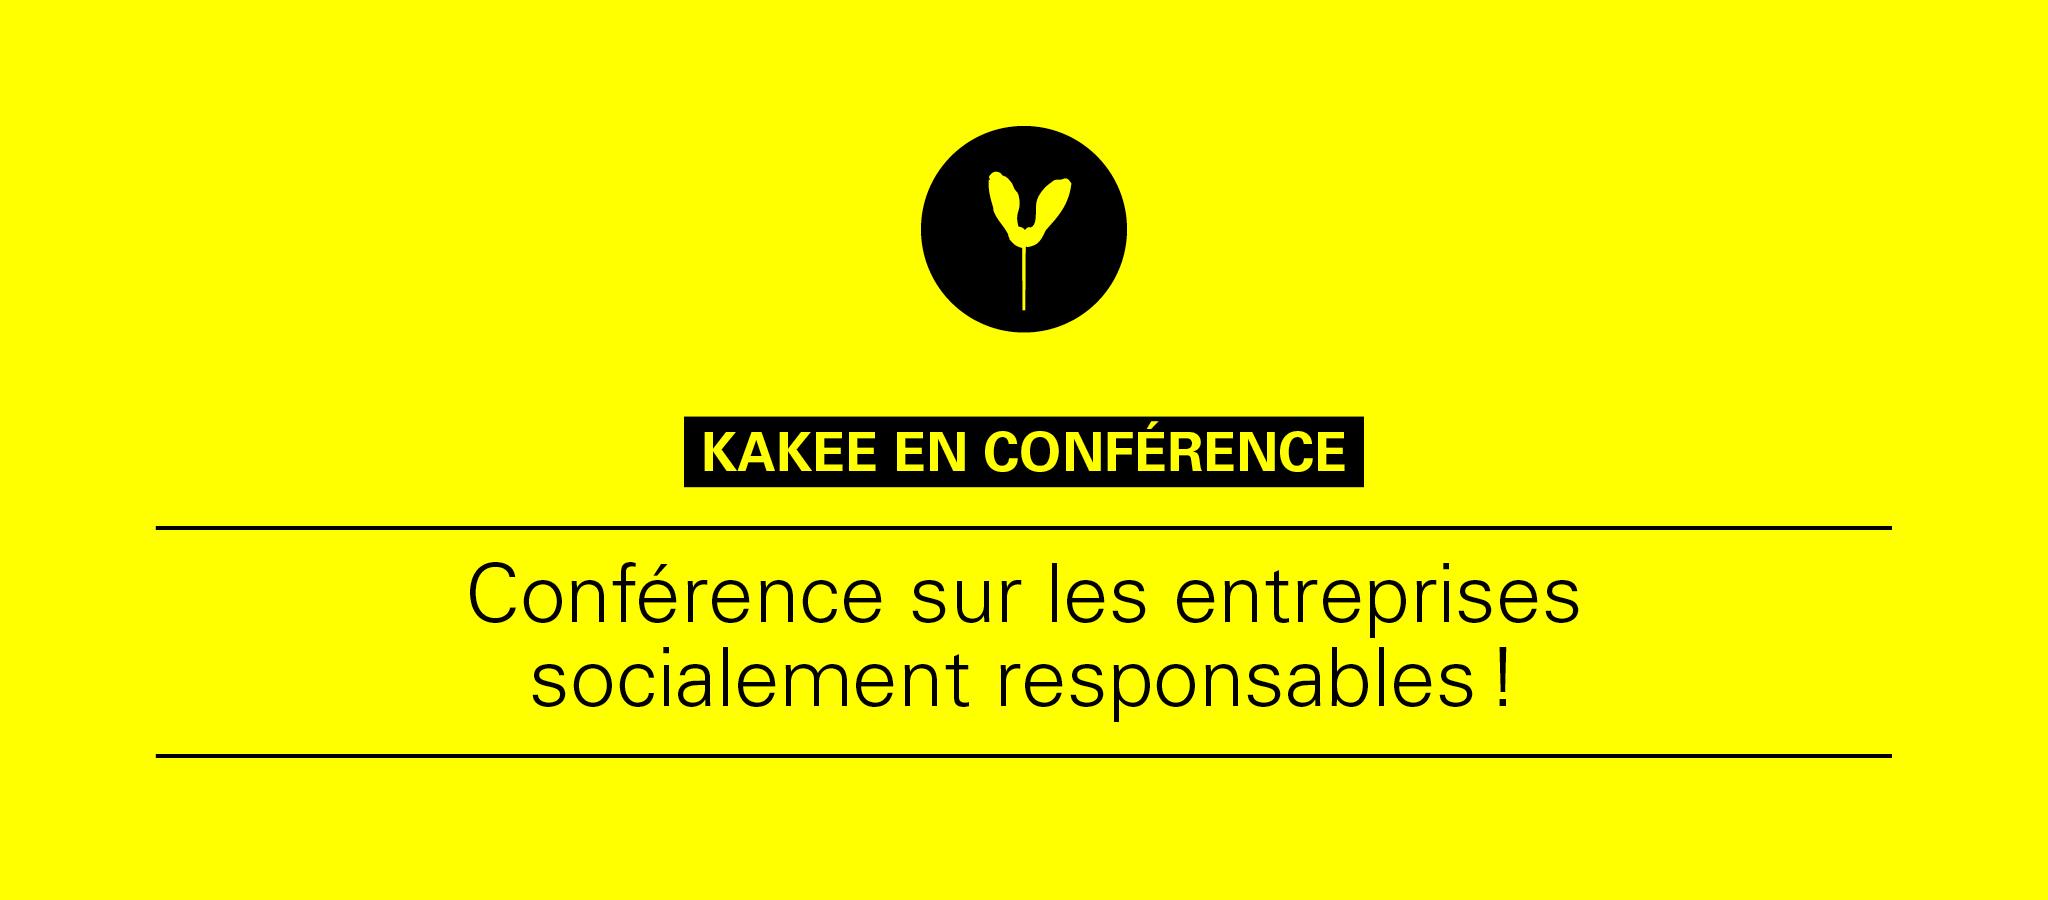 KAKEE donnera une conférence au Forum des Entreprises Socialement Responsable de HEC.